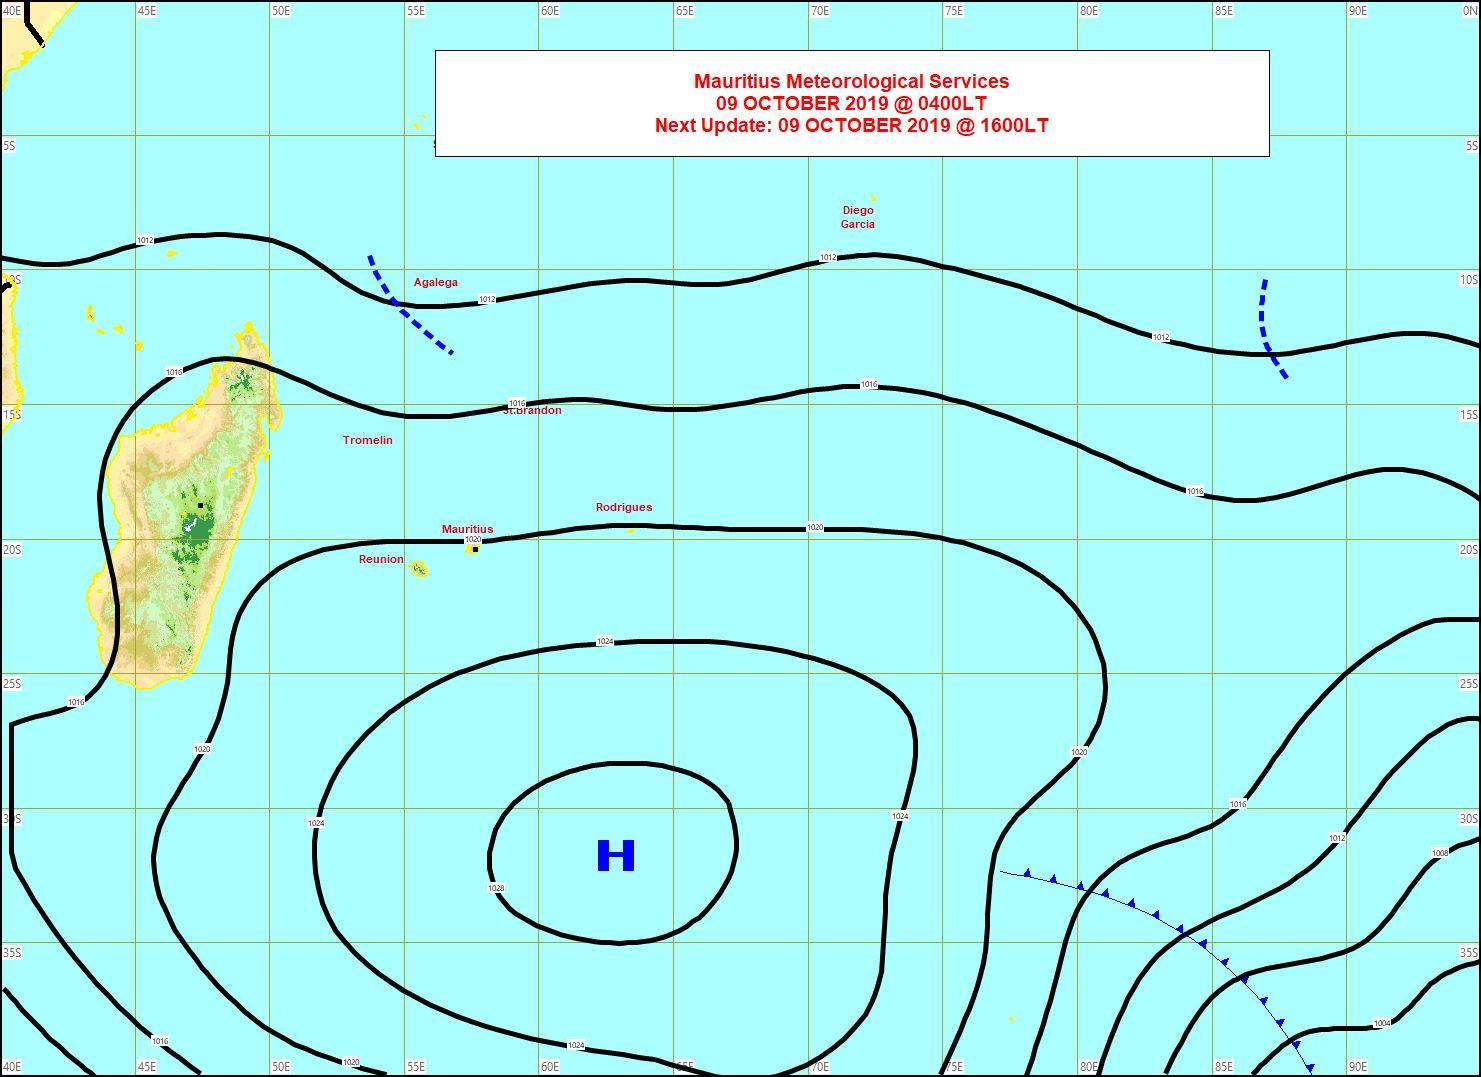 La ligne d'instabilité(pointillés) est à proximité des îles Agaléga. MMS